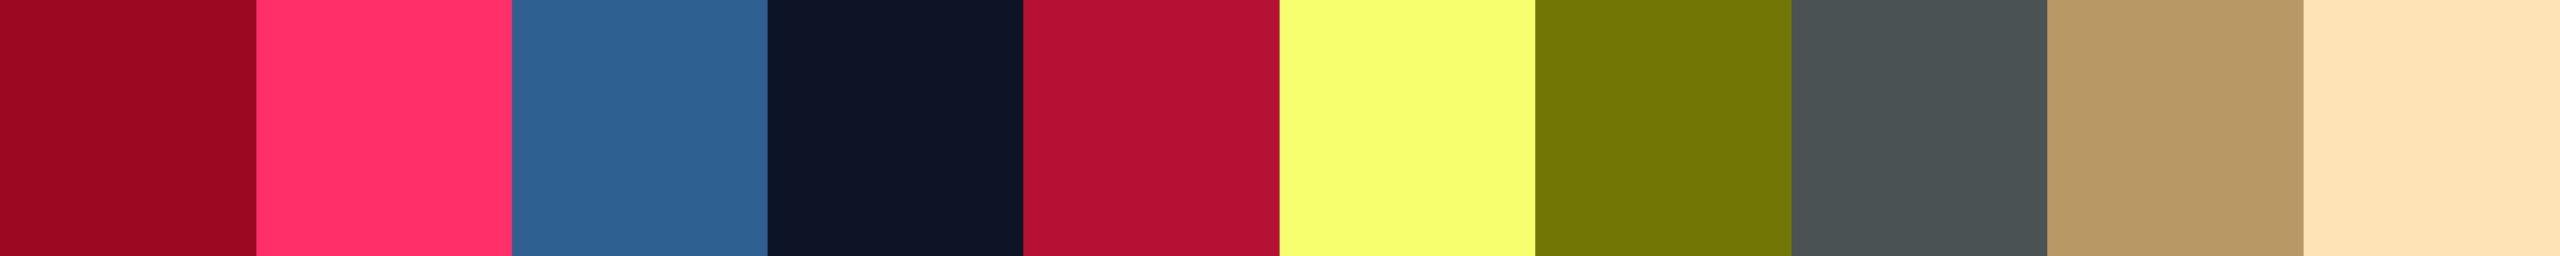 615 Steviaxa Color Palette